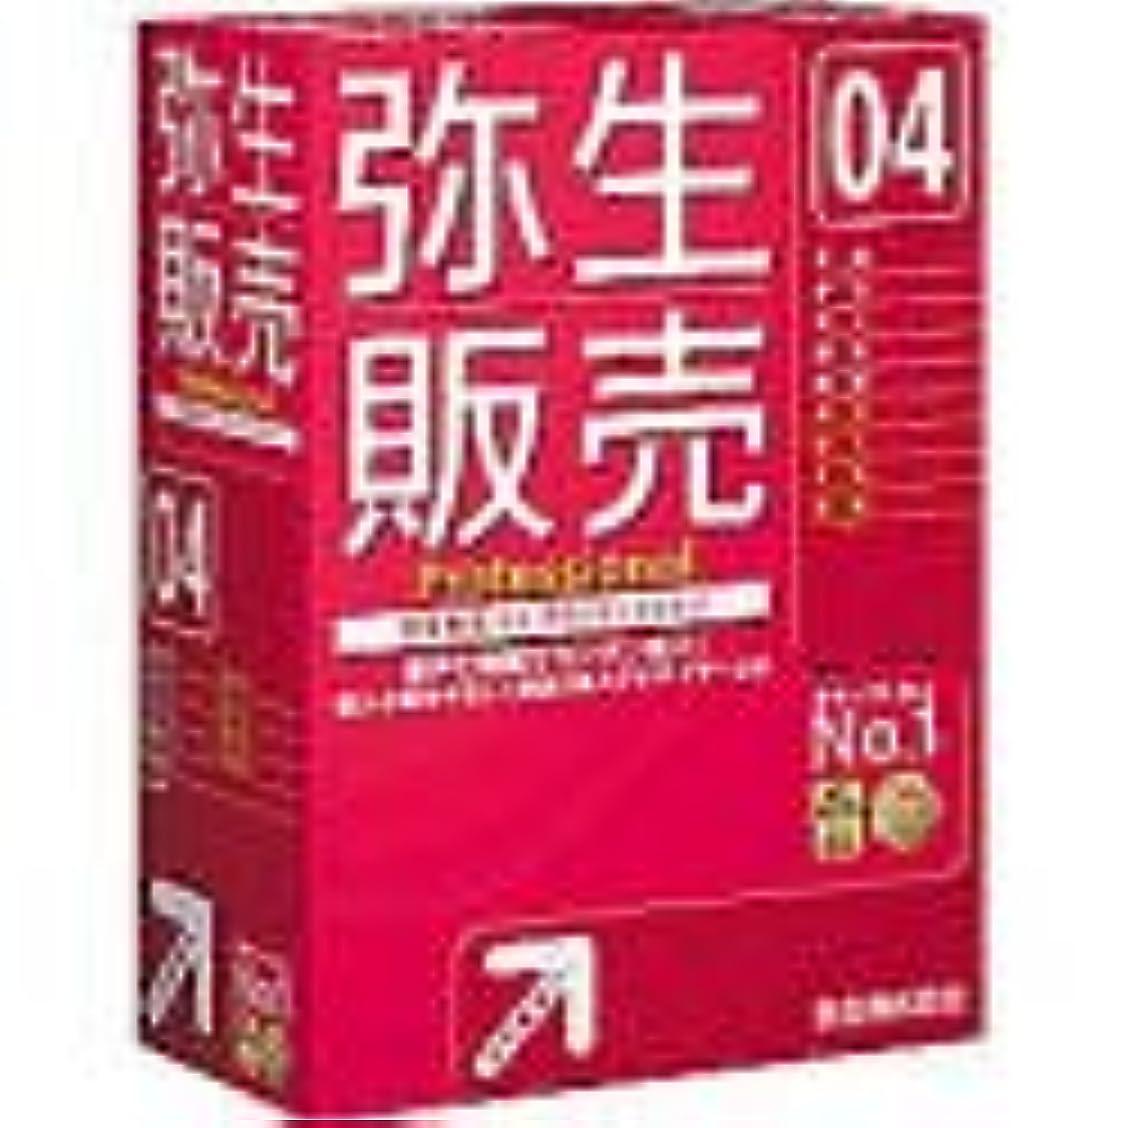 賞ジャグリング言語学【旧商品】弥生販売 04 Professional